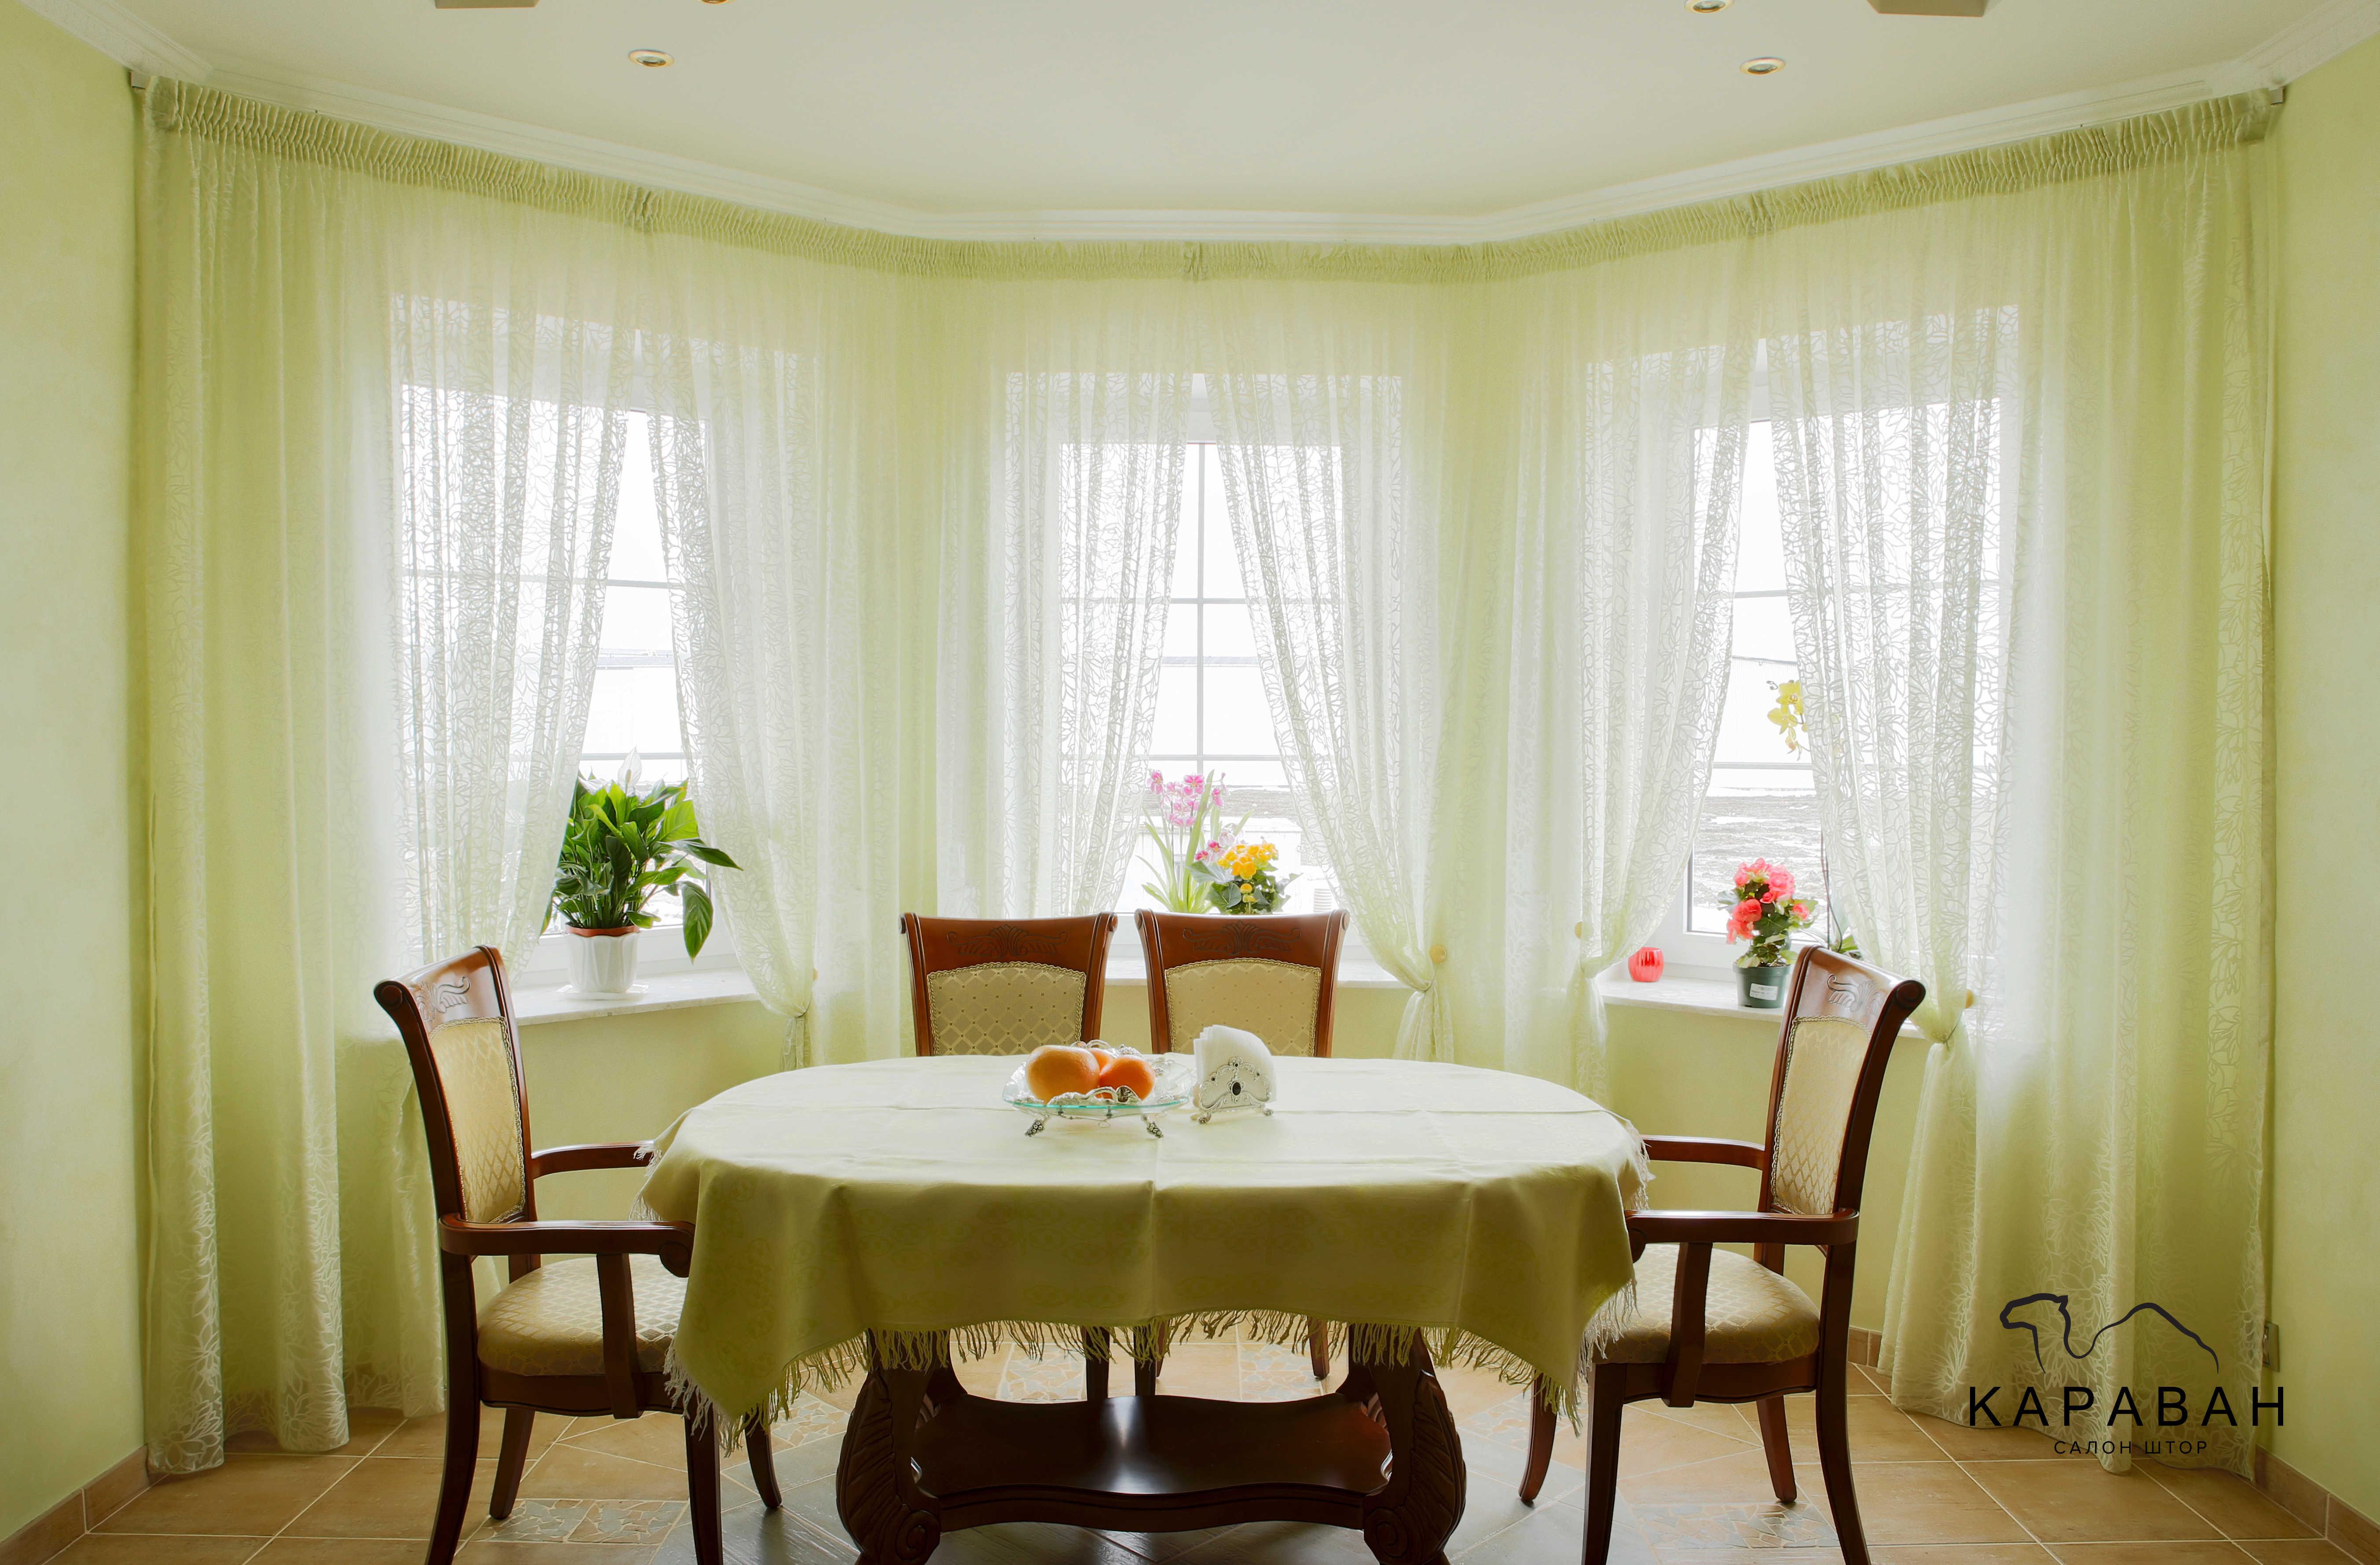 продаже, шторы для эркерного кухонного окна фото многощетинковых червей каждом